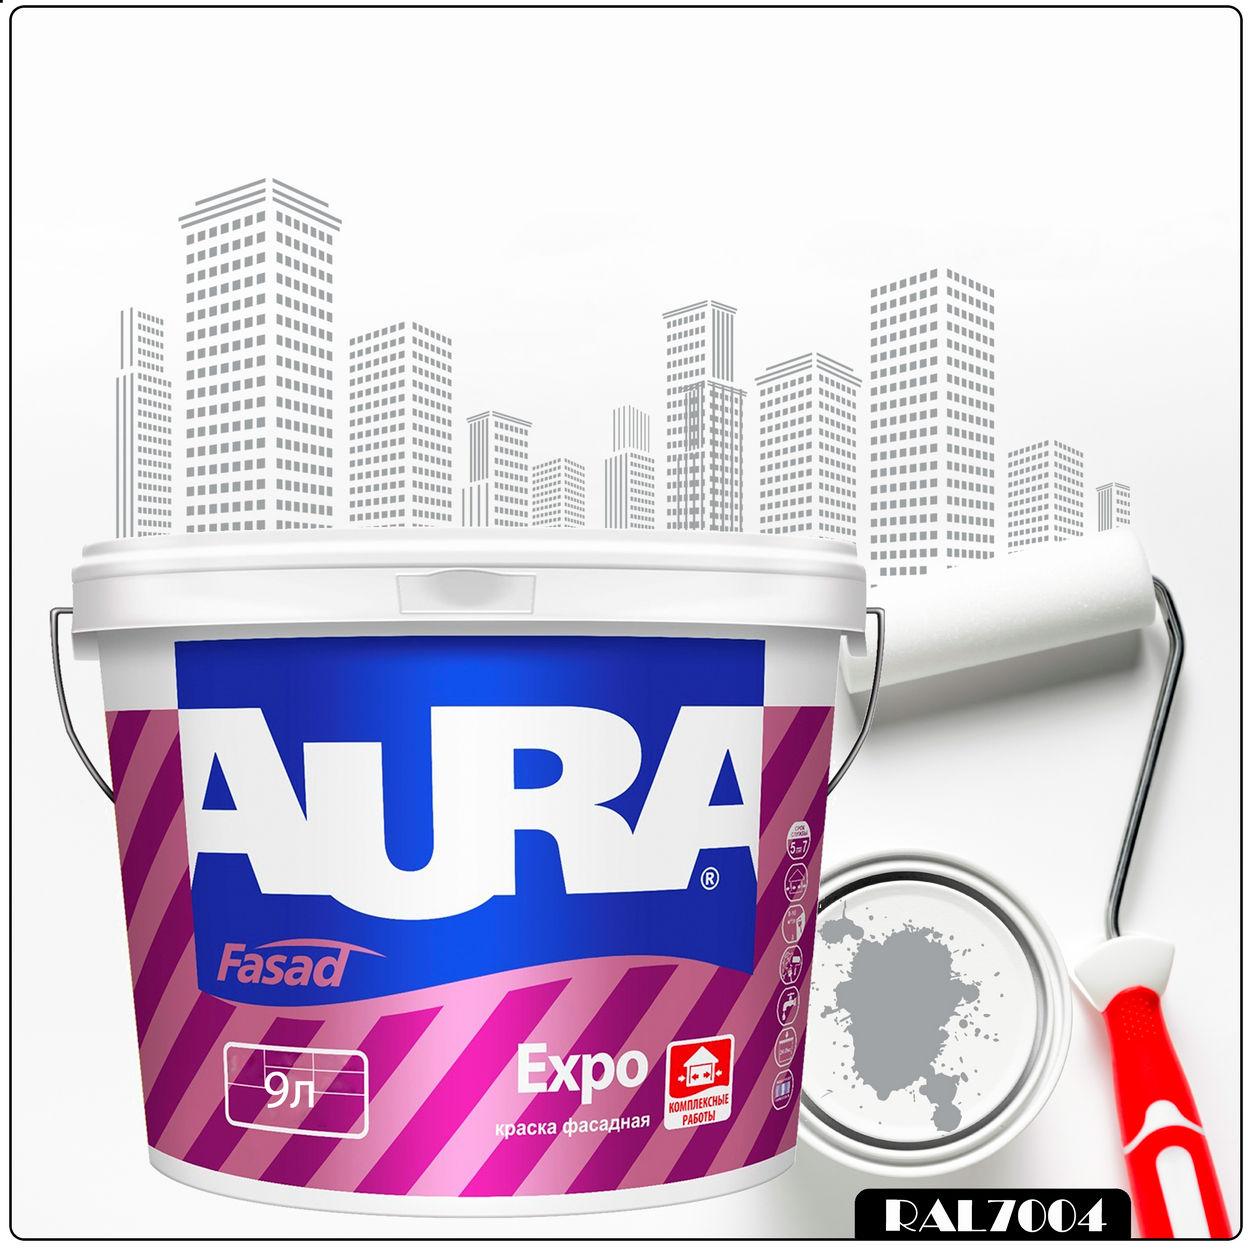 Фото 5 - Краска Aura Fasad Expo, RAL 7004 Серый-сигнальный, матовая, для фасадов и помещений с повышенной влажностью, 9л.